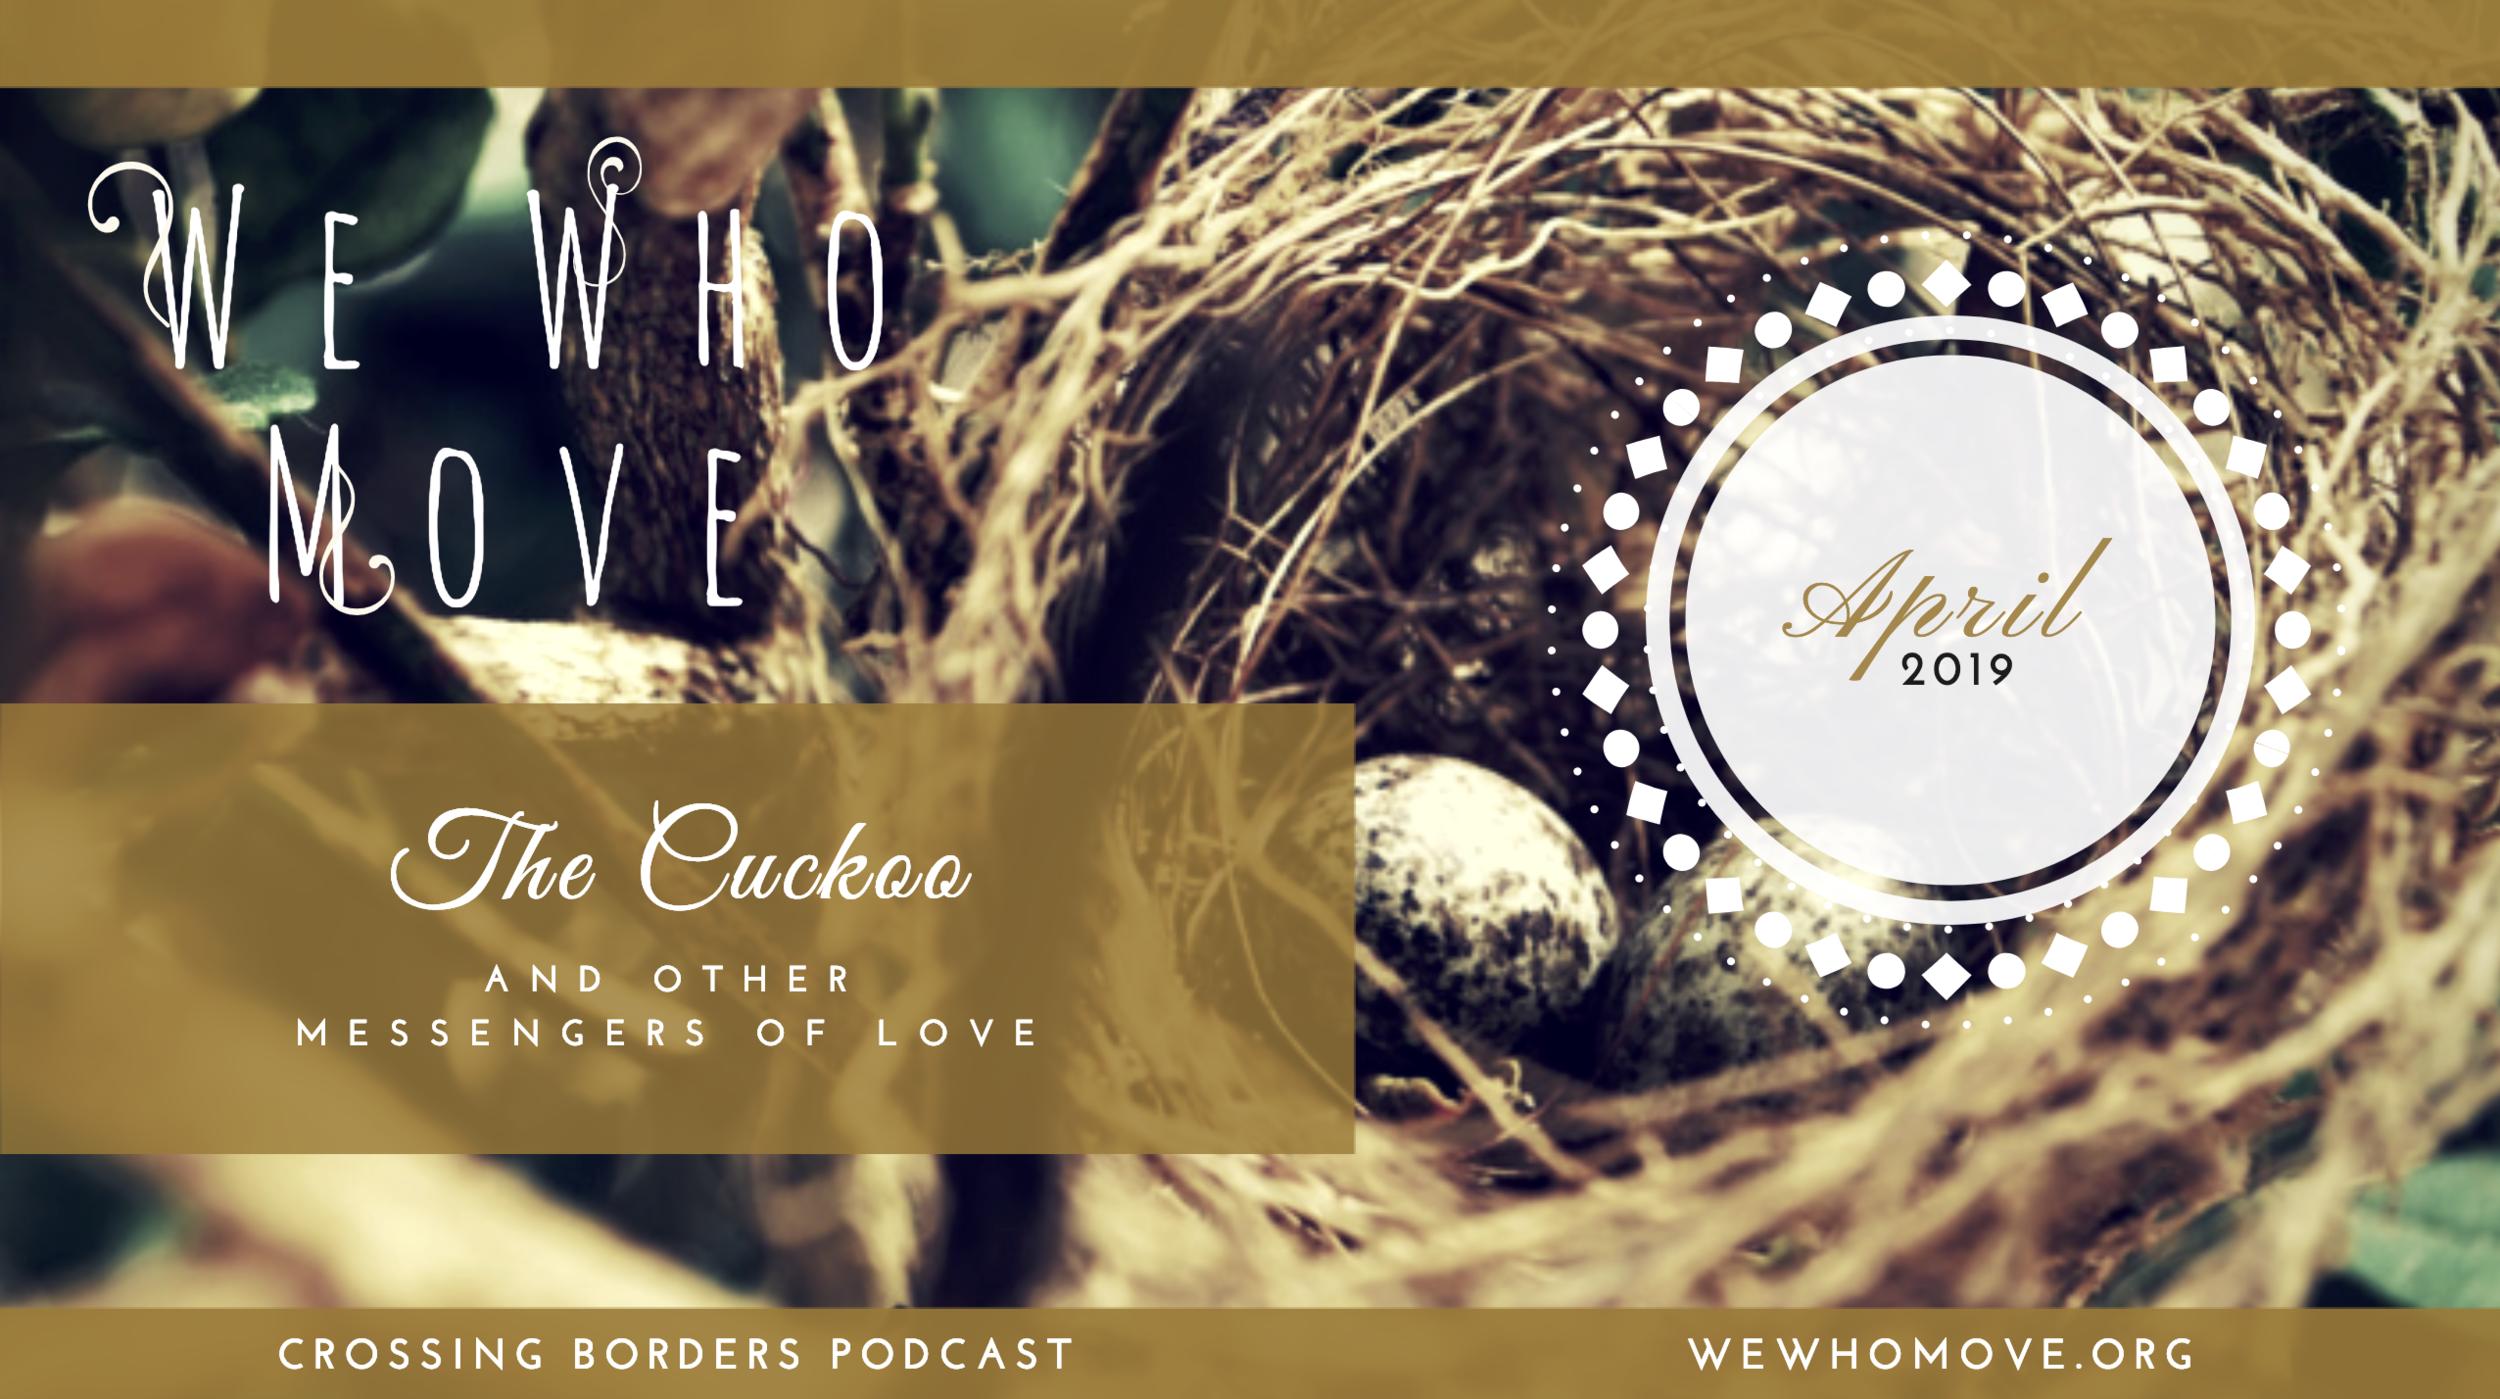 The Cuckoo (flyer)